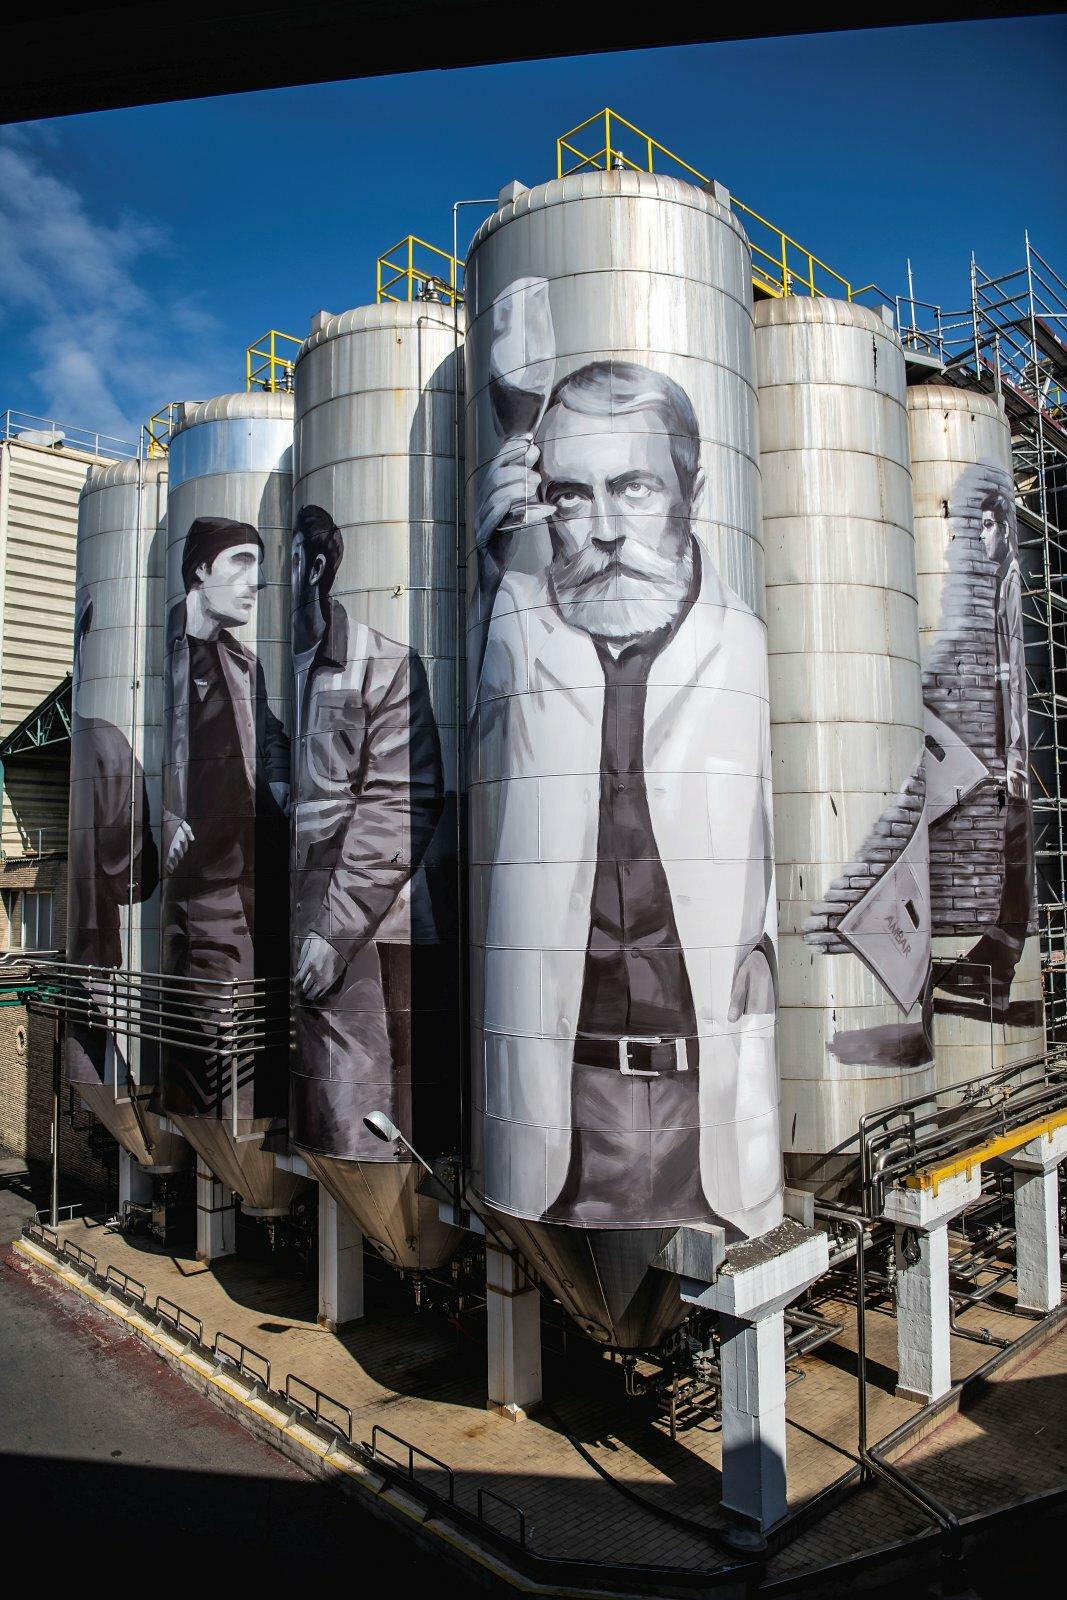 Miquel Wert - Fábrica Cervezas Ambar (25)